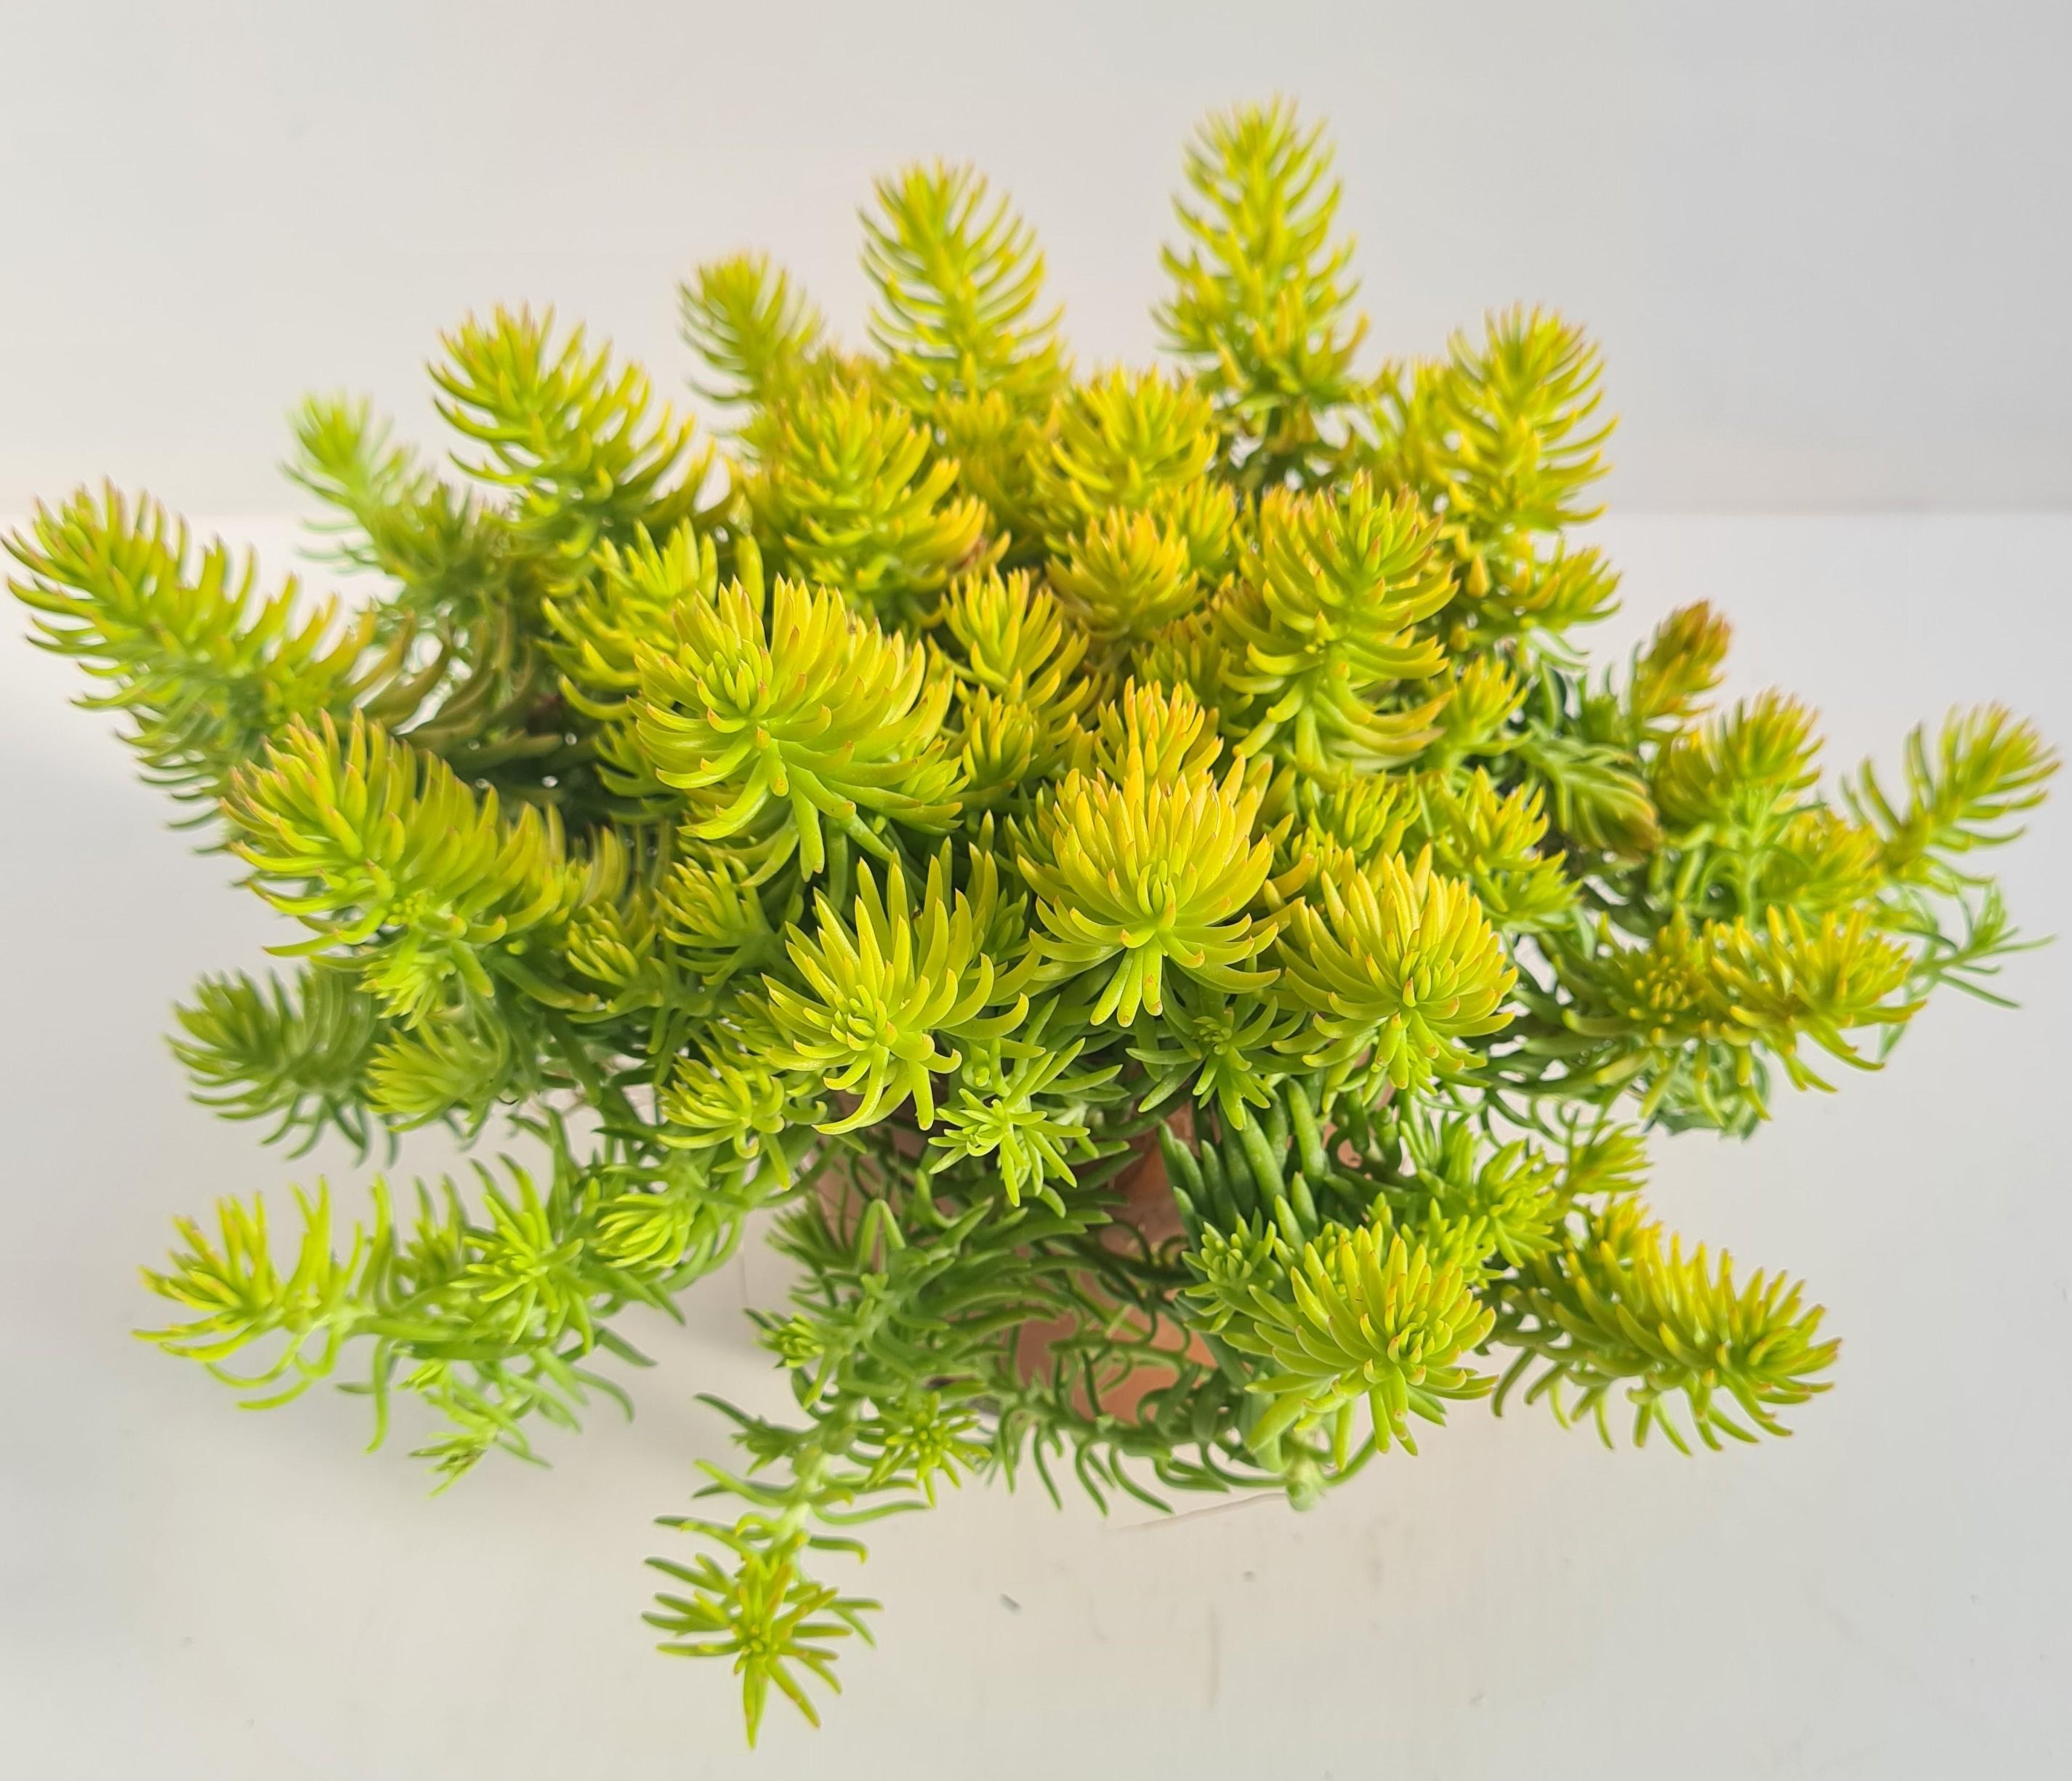 Sedum x hybridum T12 Winter Lemon - goldgelb - winterhart